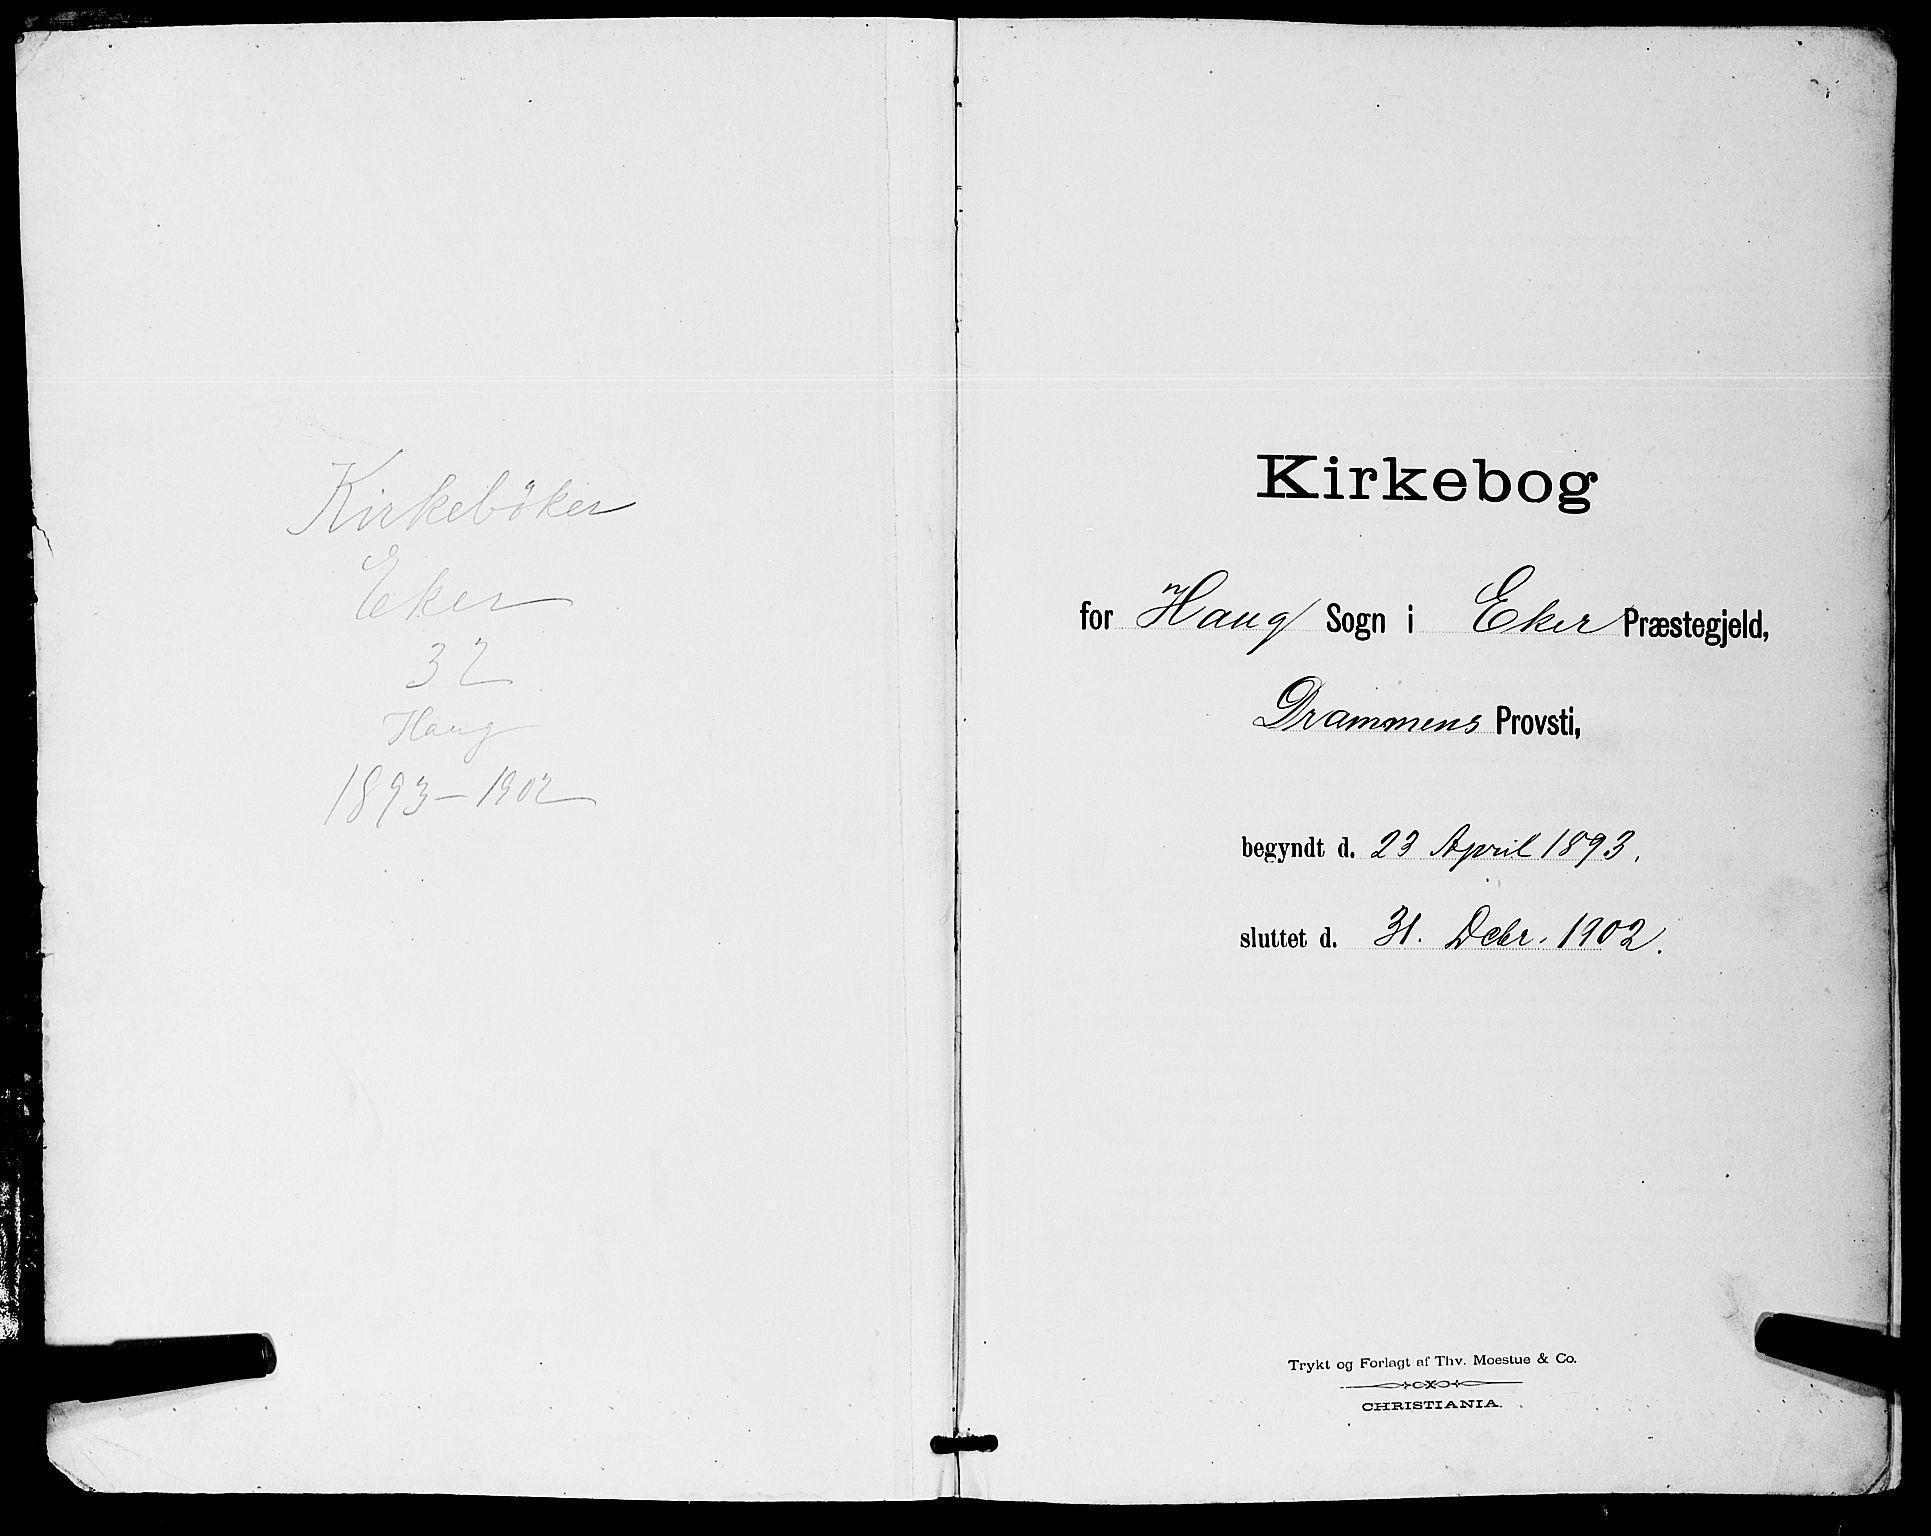 SAKO, Eiker kirkebøker, G/Ga/L0007: Klokkerbok nr. I 7, 1893-1902